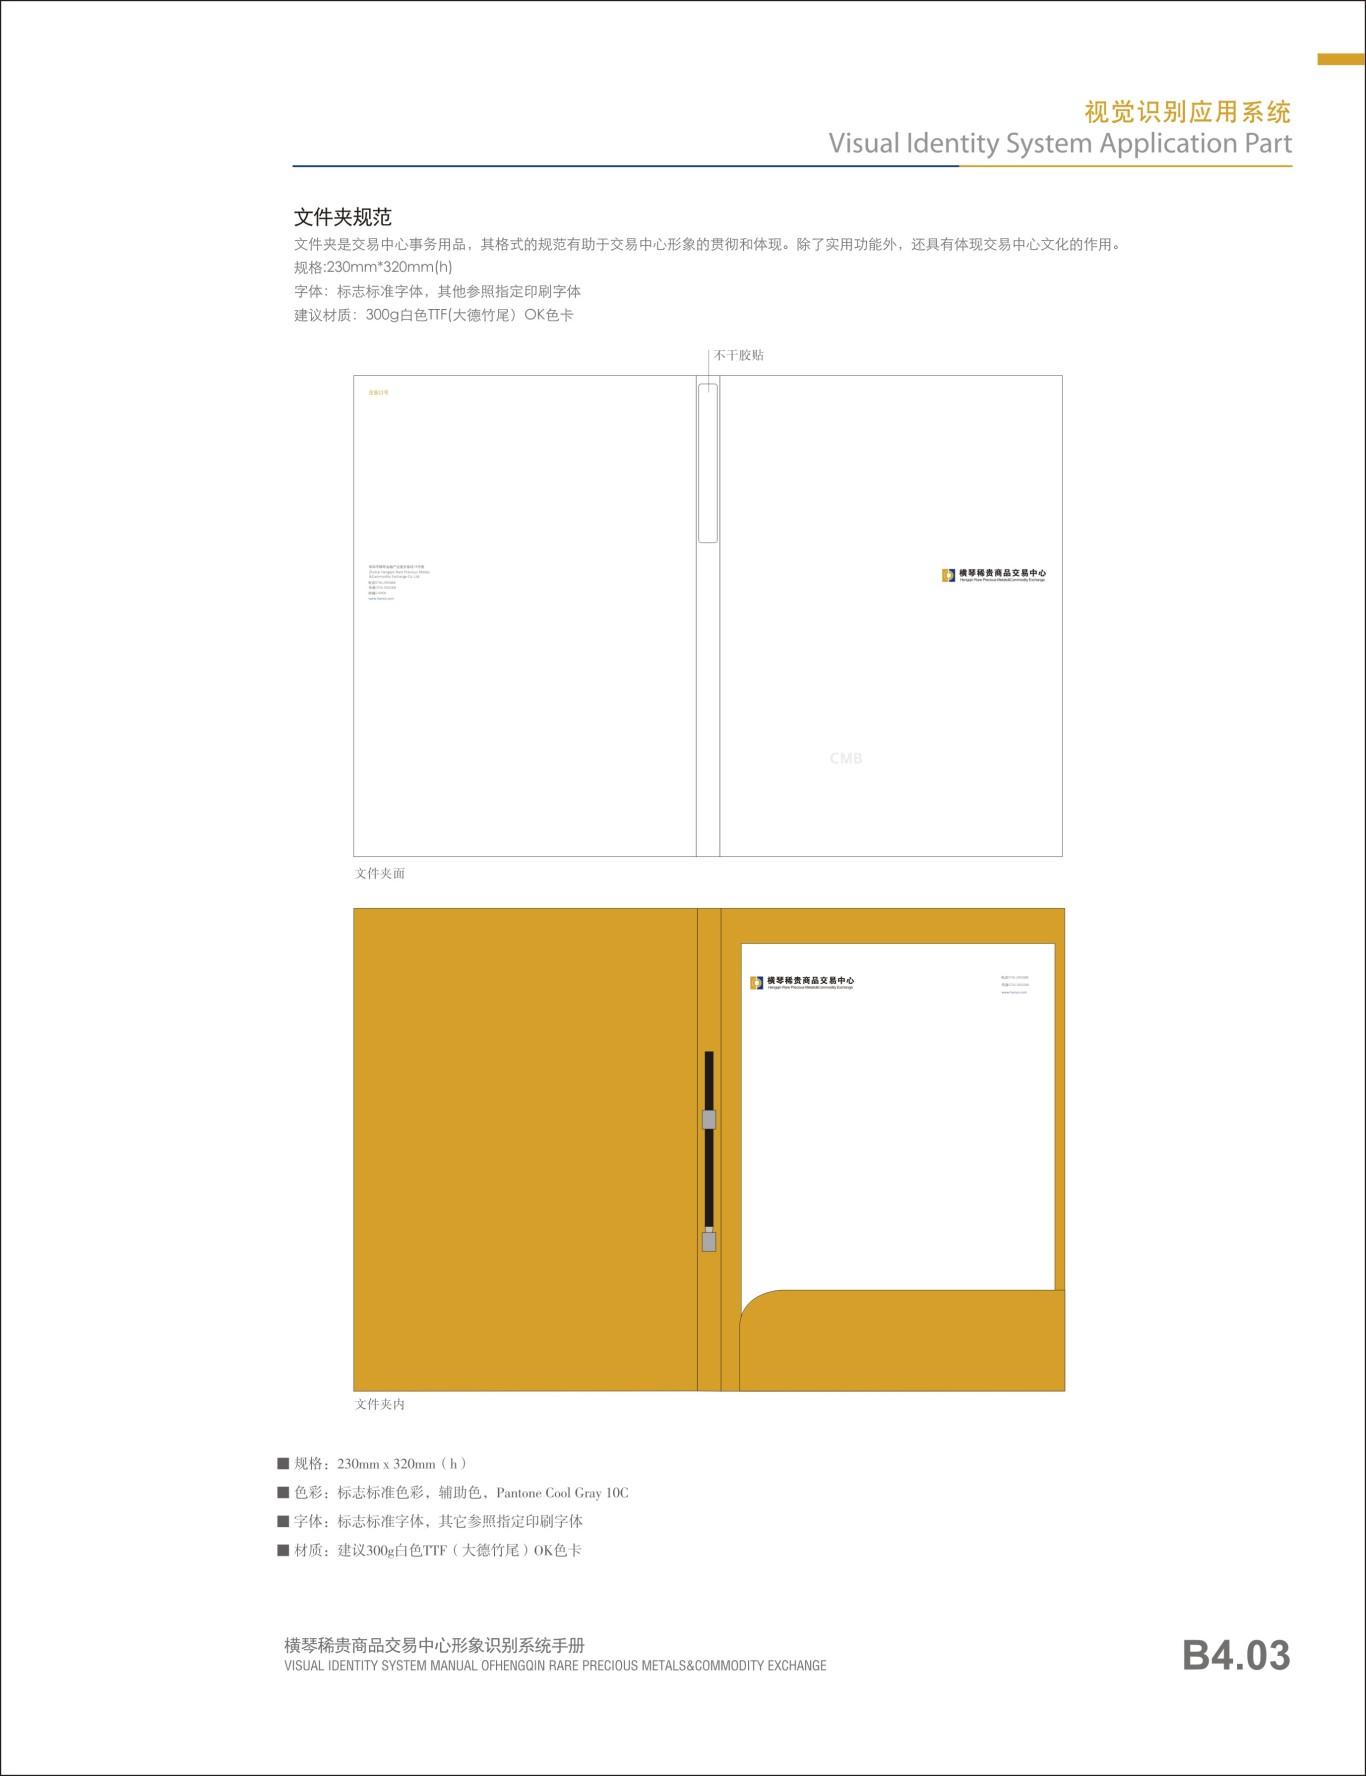 贵金属行业横琴稀贵VI手册设计图24